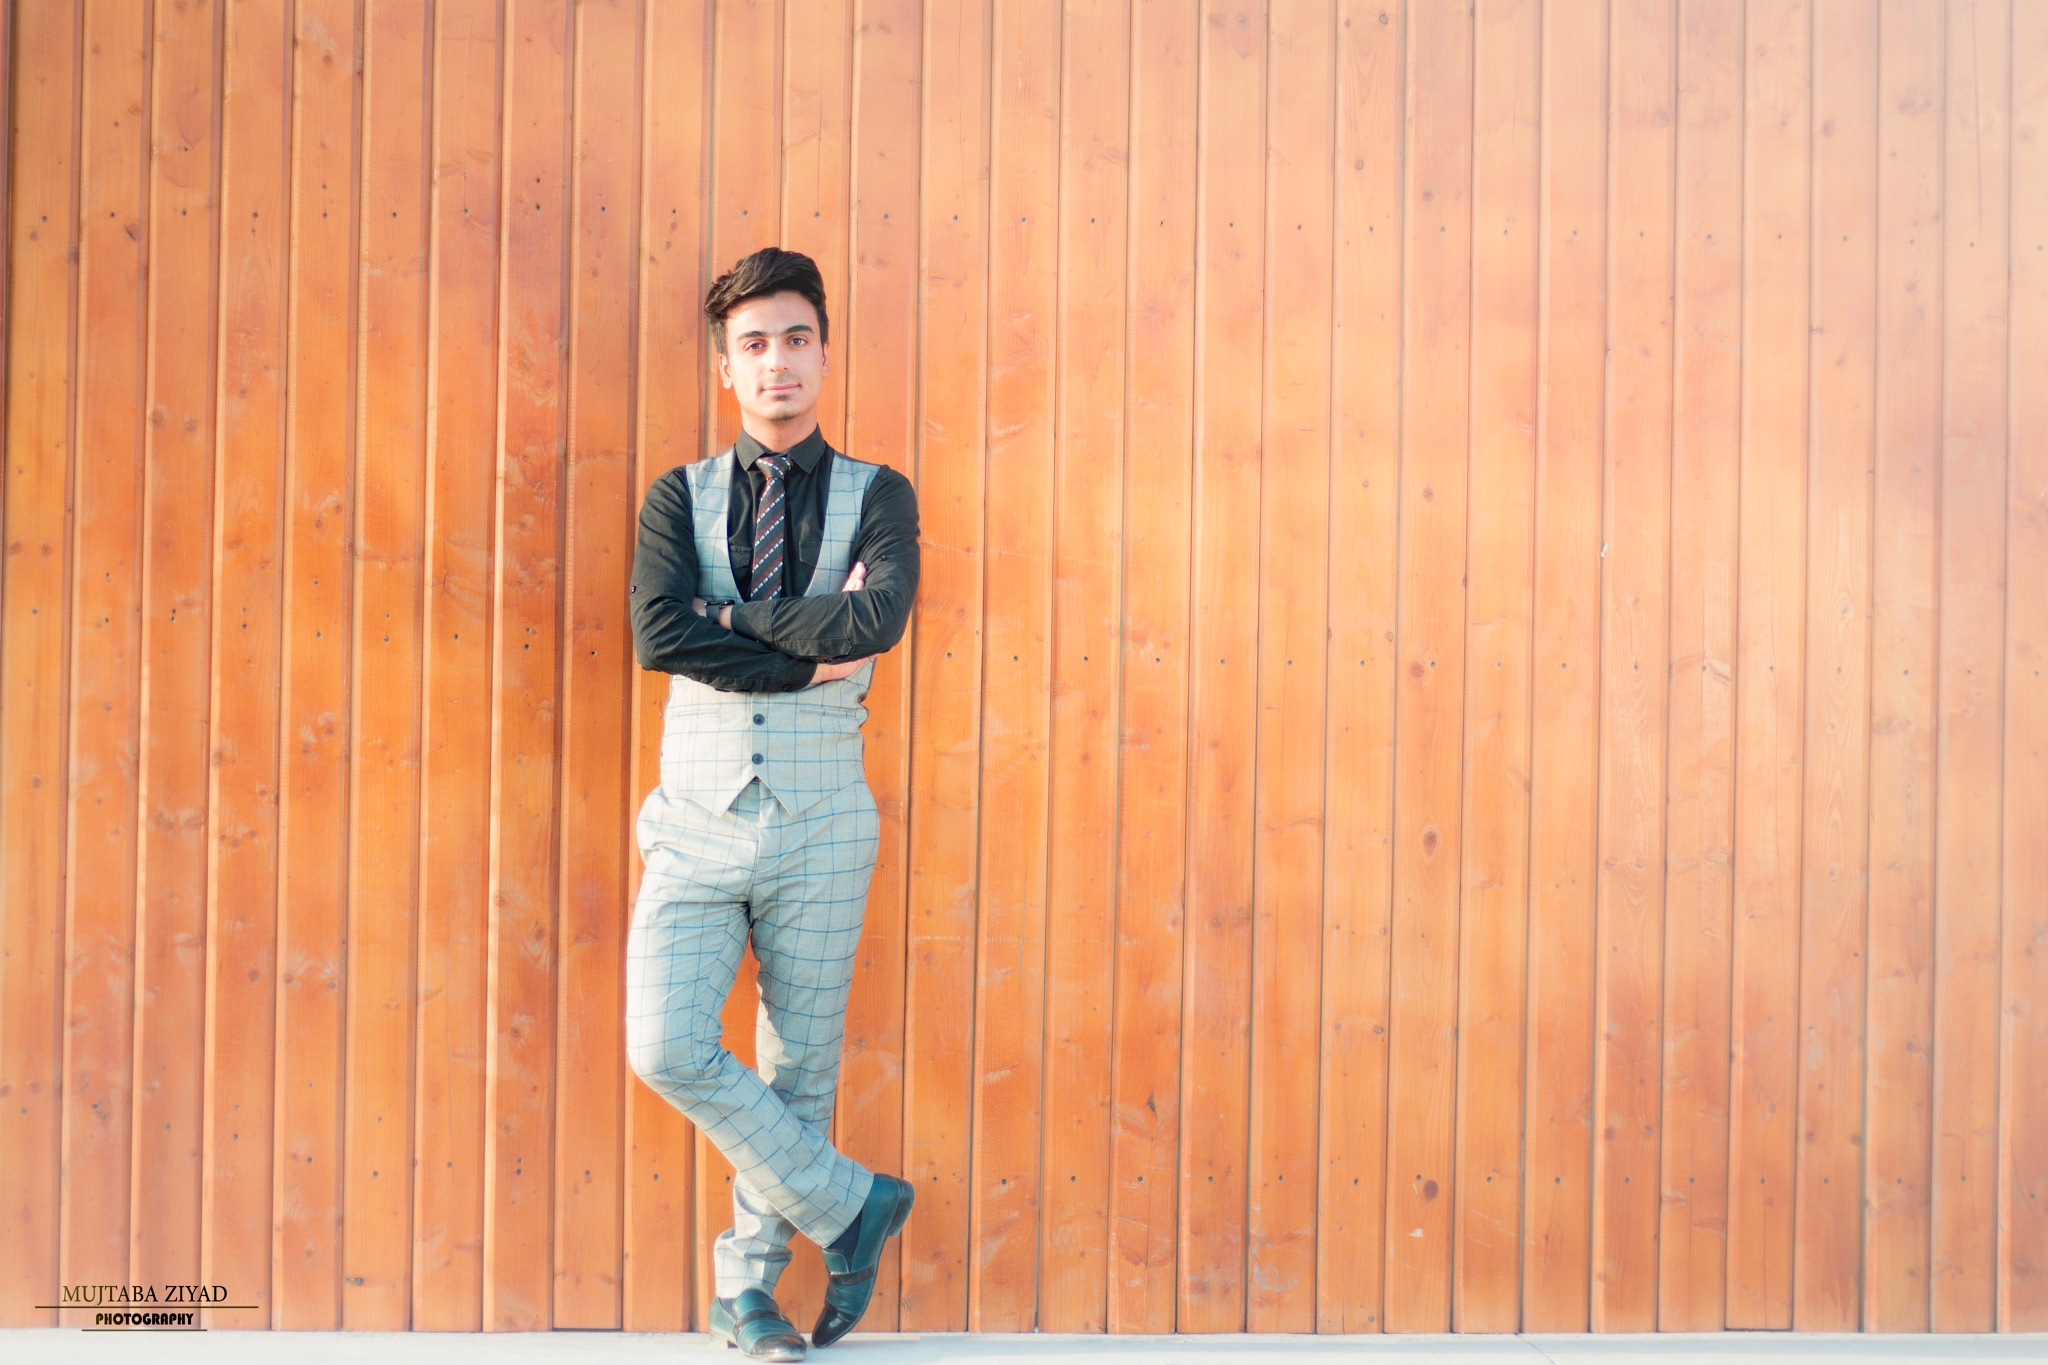 the boy stile by Mujtaba Ziyad